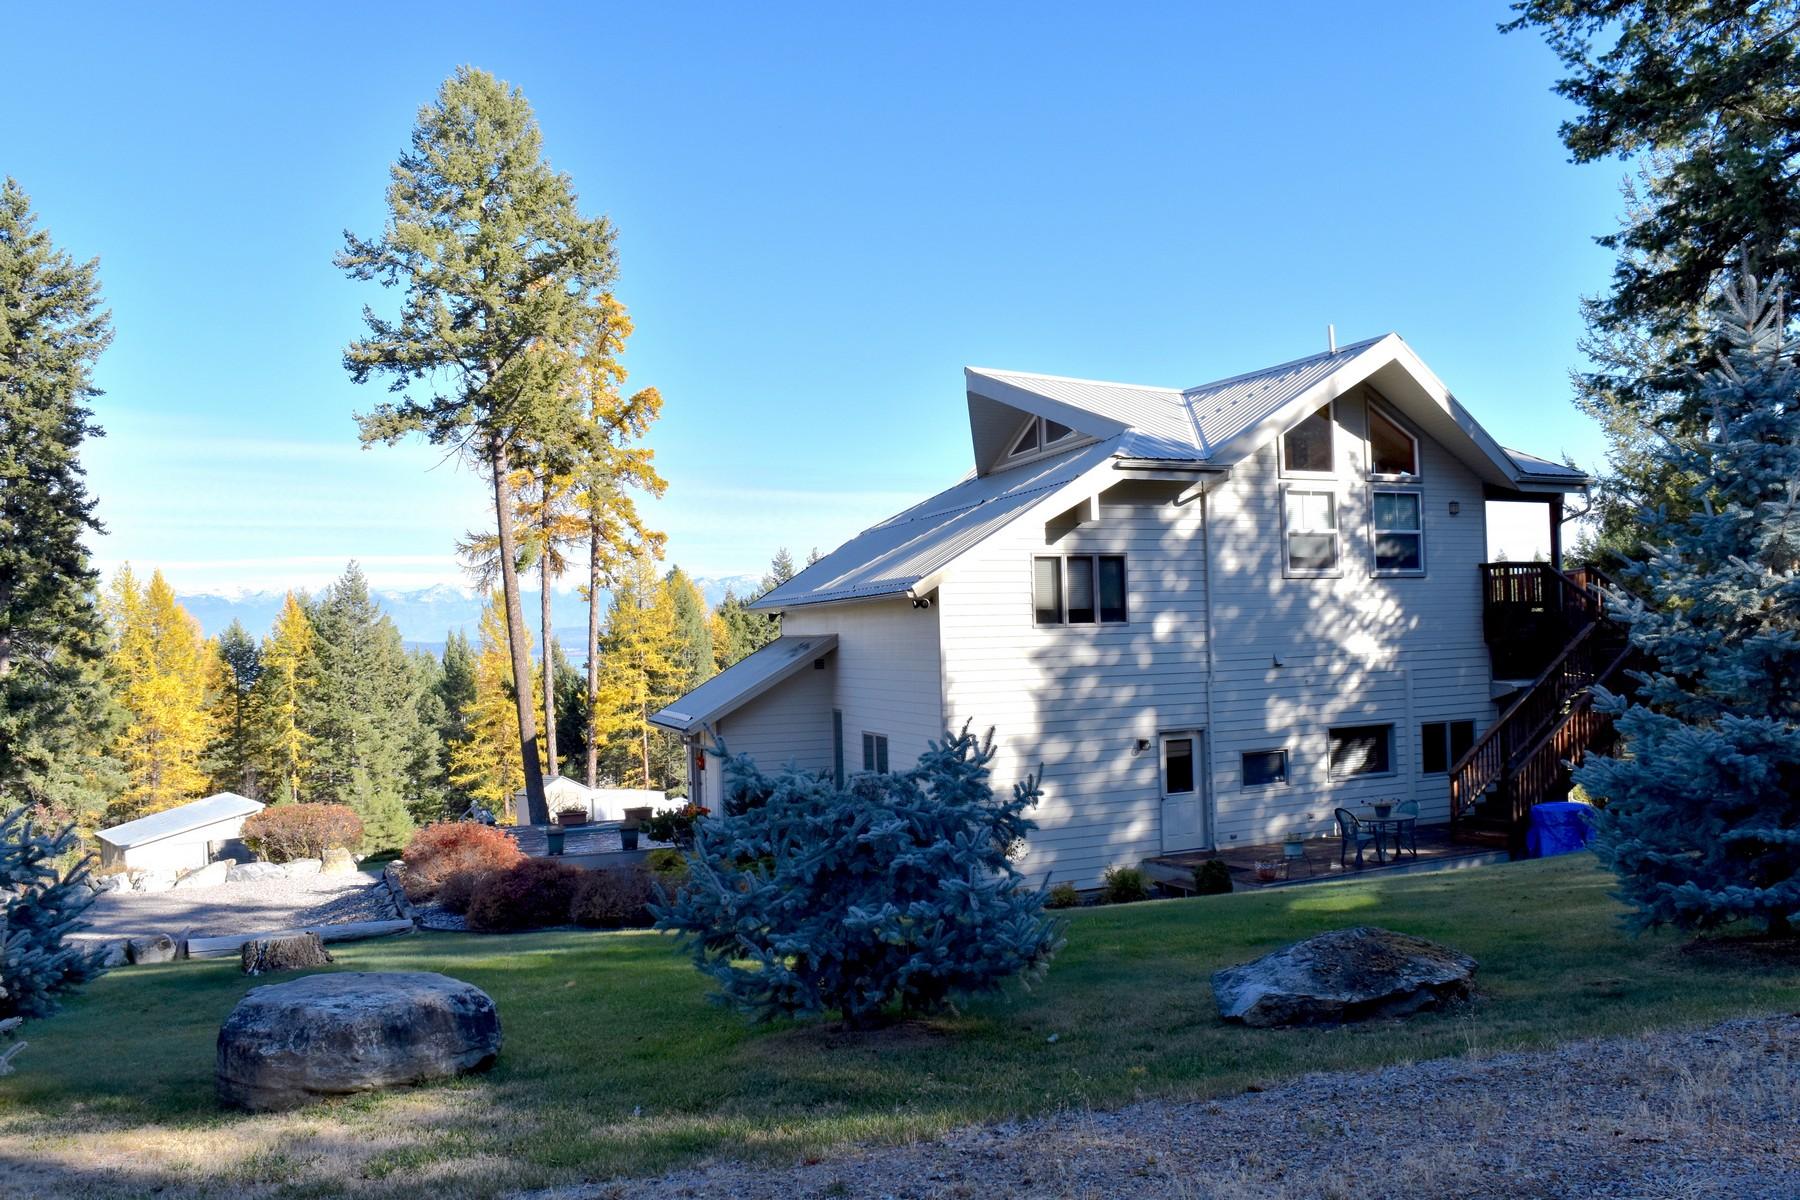 獨棟家庭住宅 為 出售 在 105 & 107 Deer Creek Rd , Somers, MT 59932 105 & 107 Deer Creek Rd, Somers, 蒙大拿州, 59932 美國